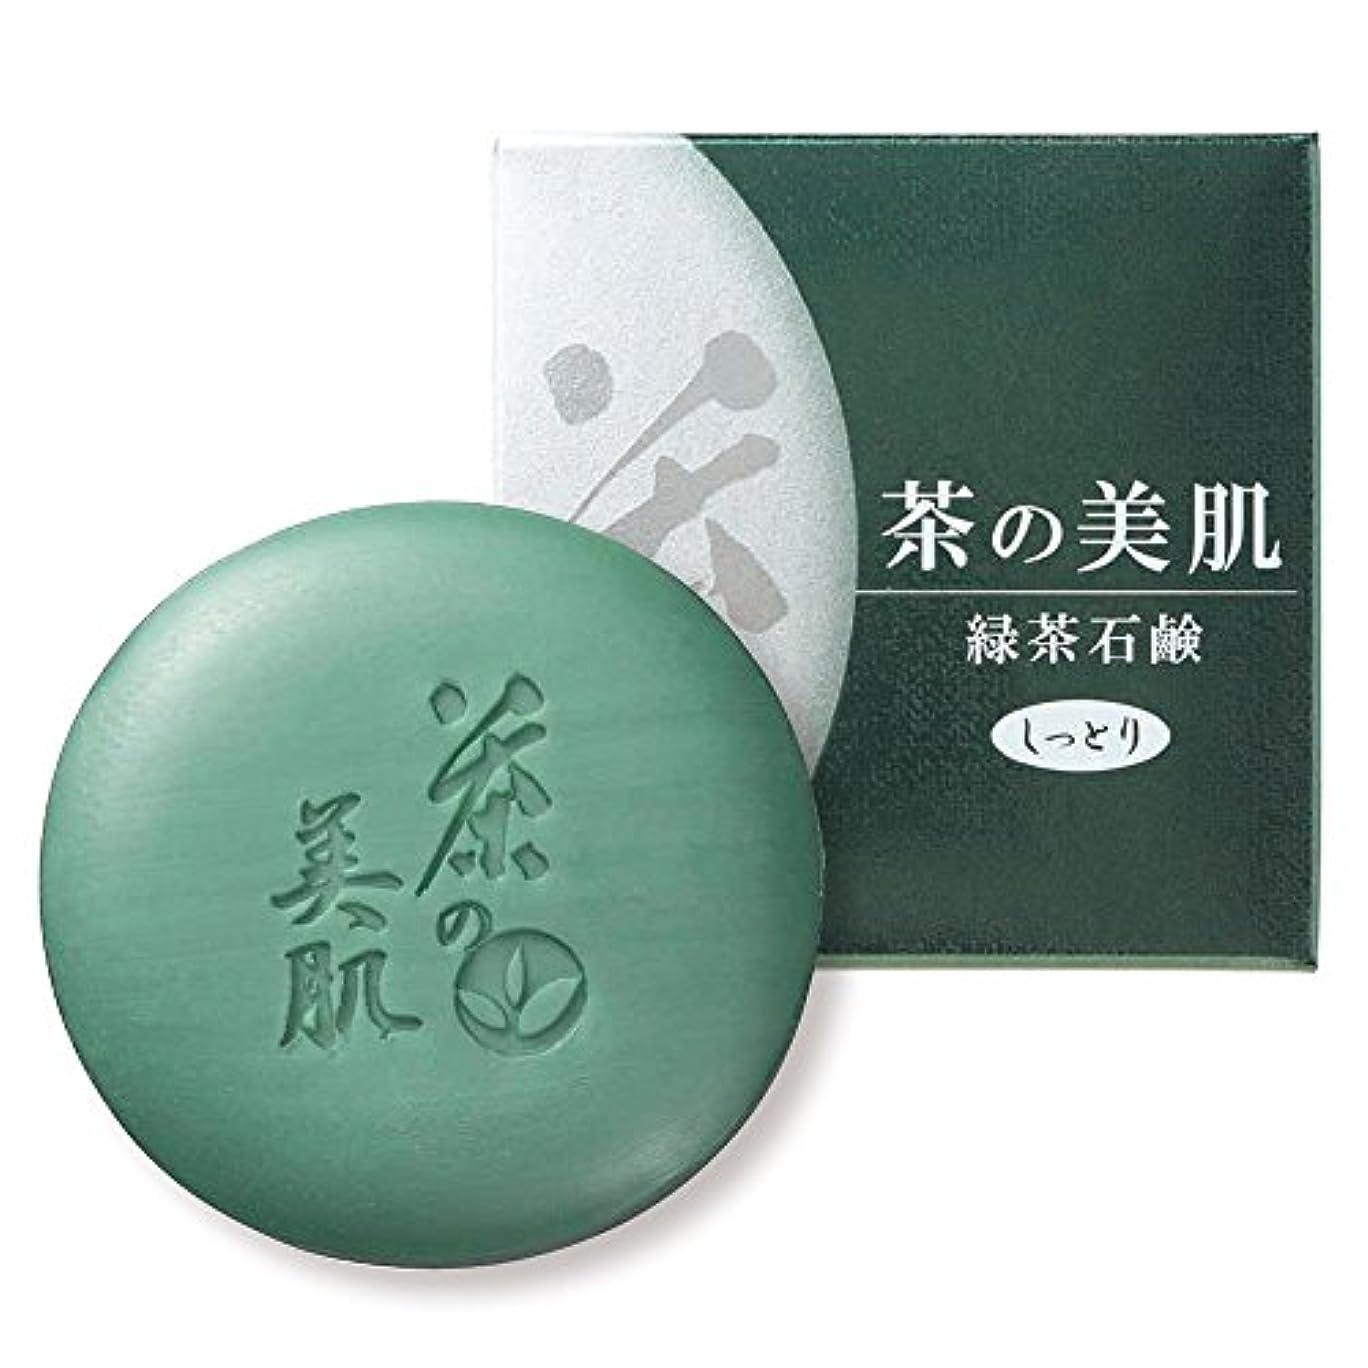 ピンク離れてドラフトお茶村 洗顔 茶の美肌 緑茶 石鹸 65g